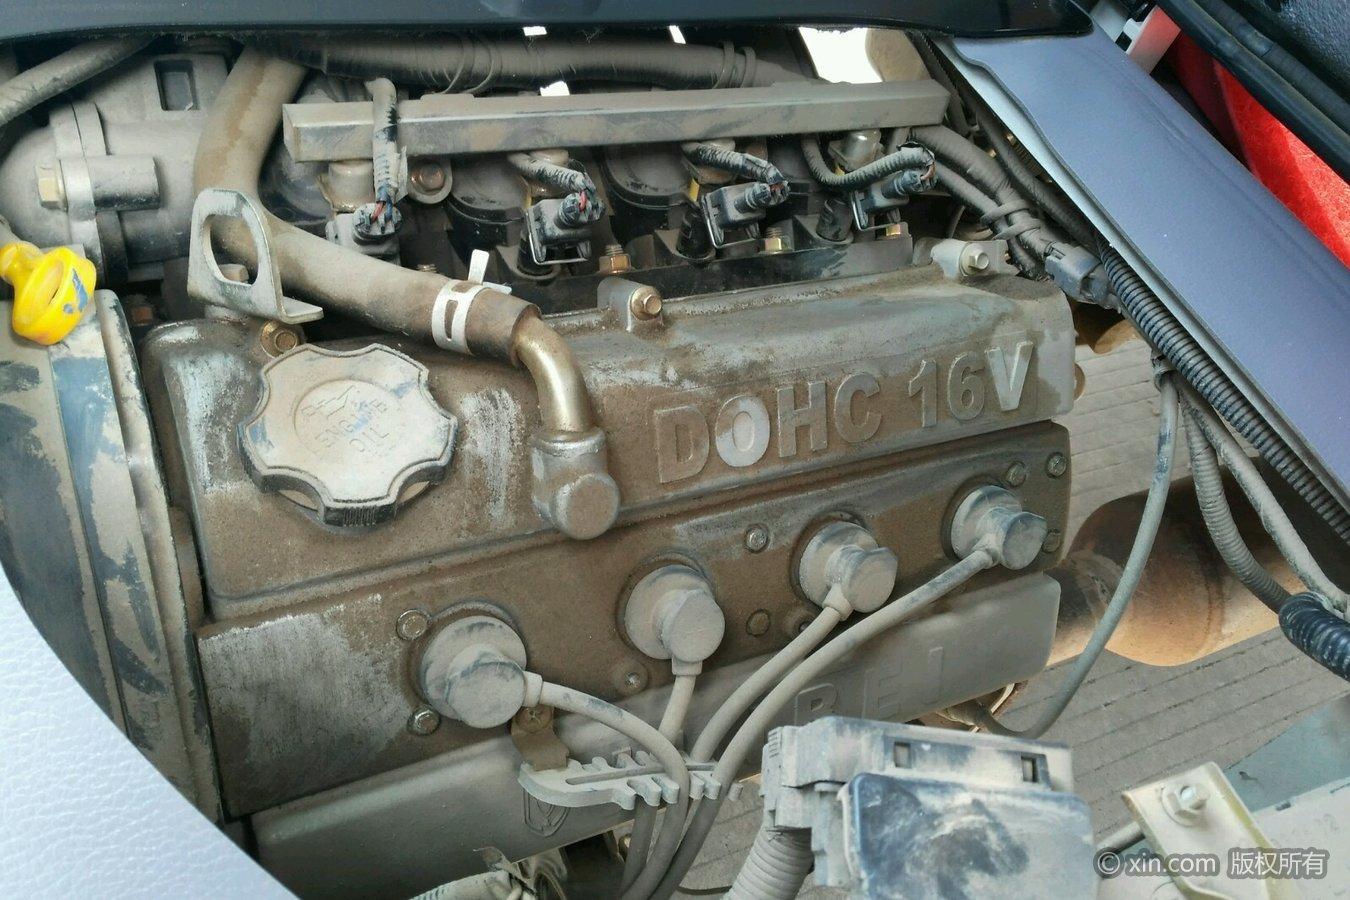 金杯小海狮x30发动机特写